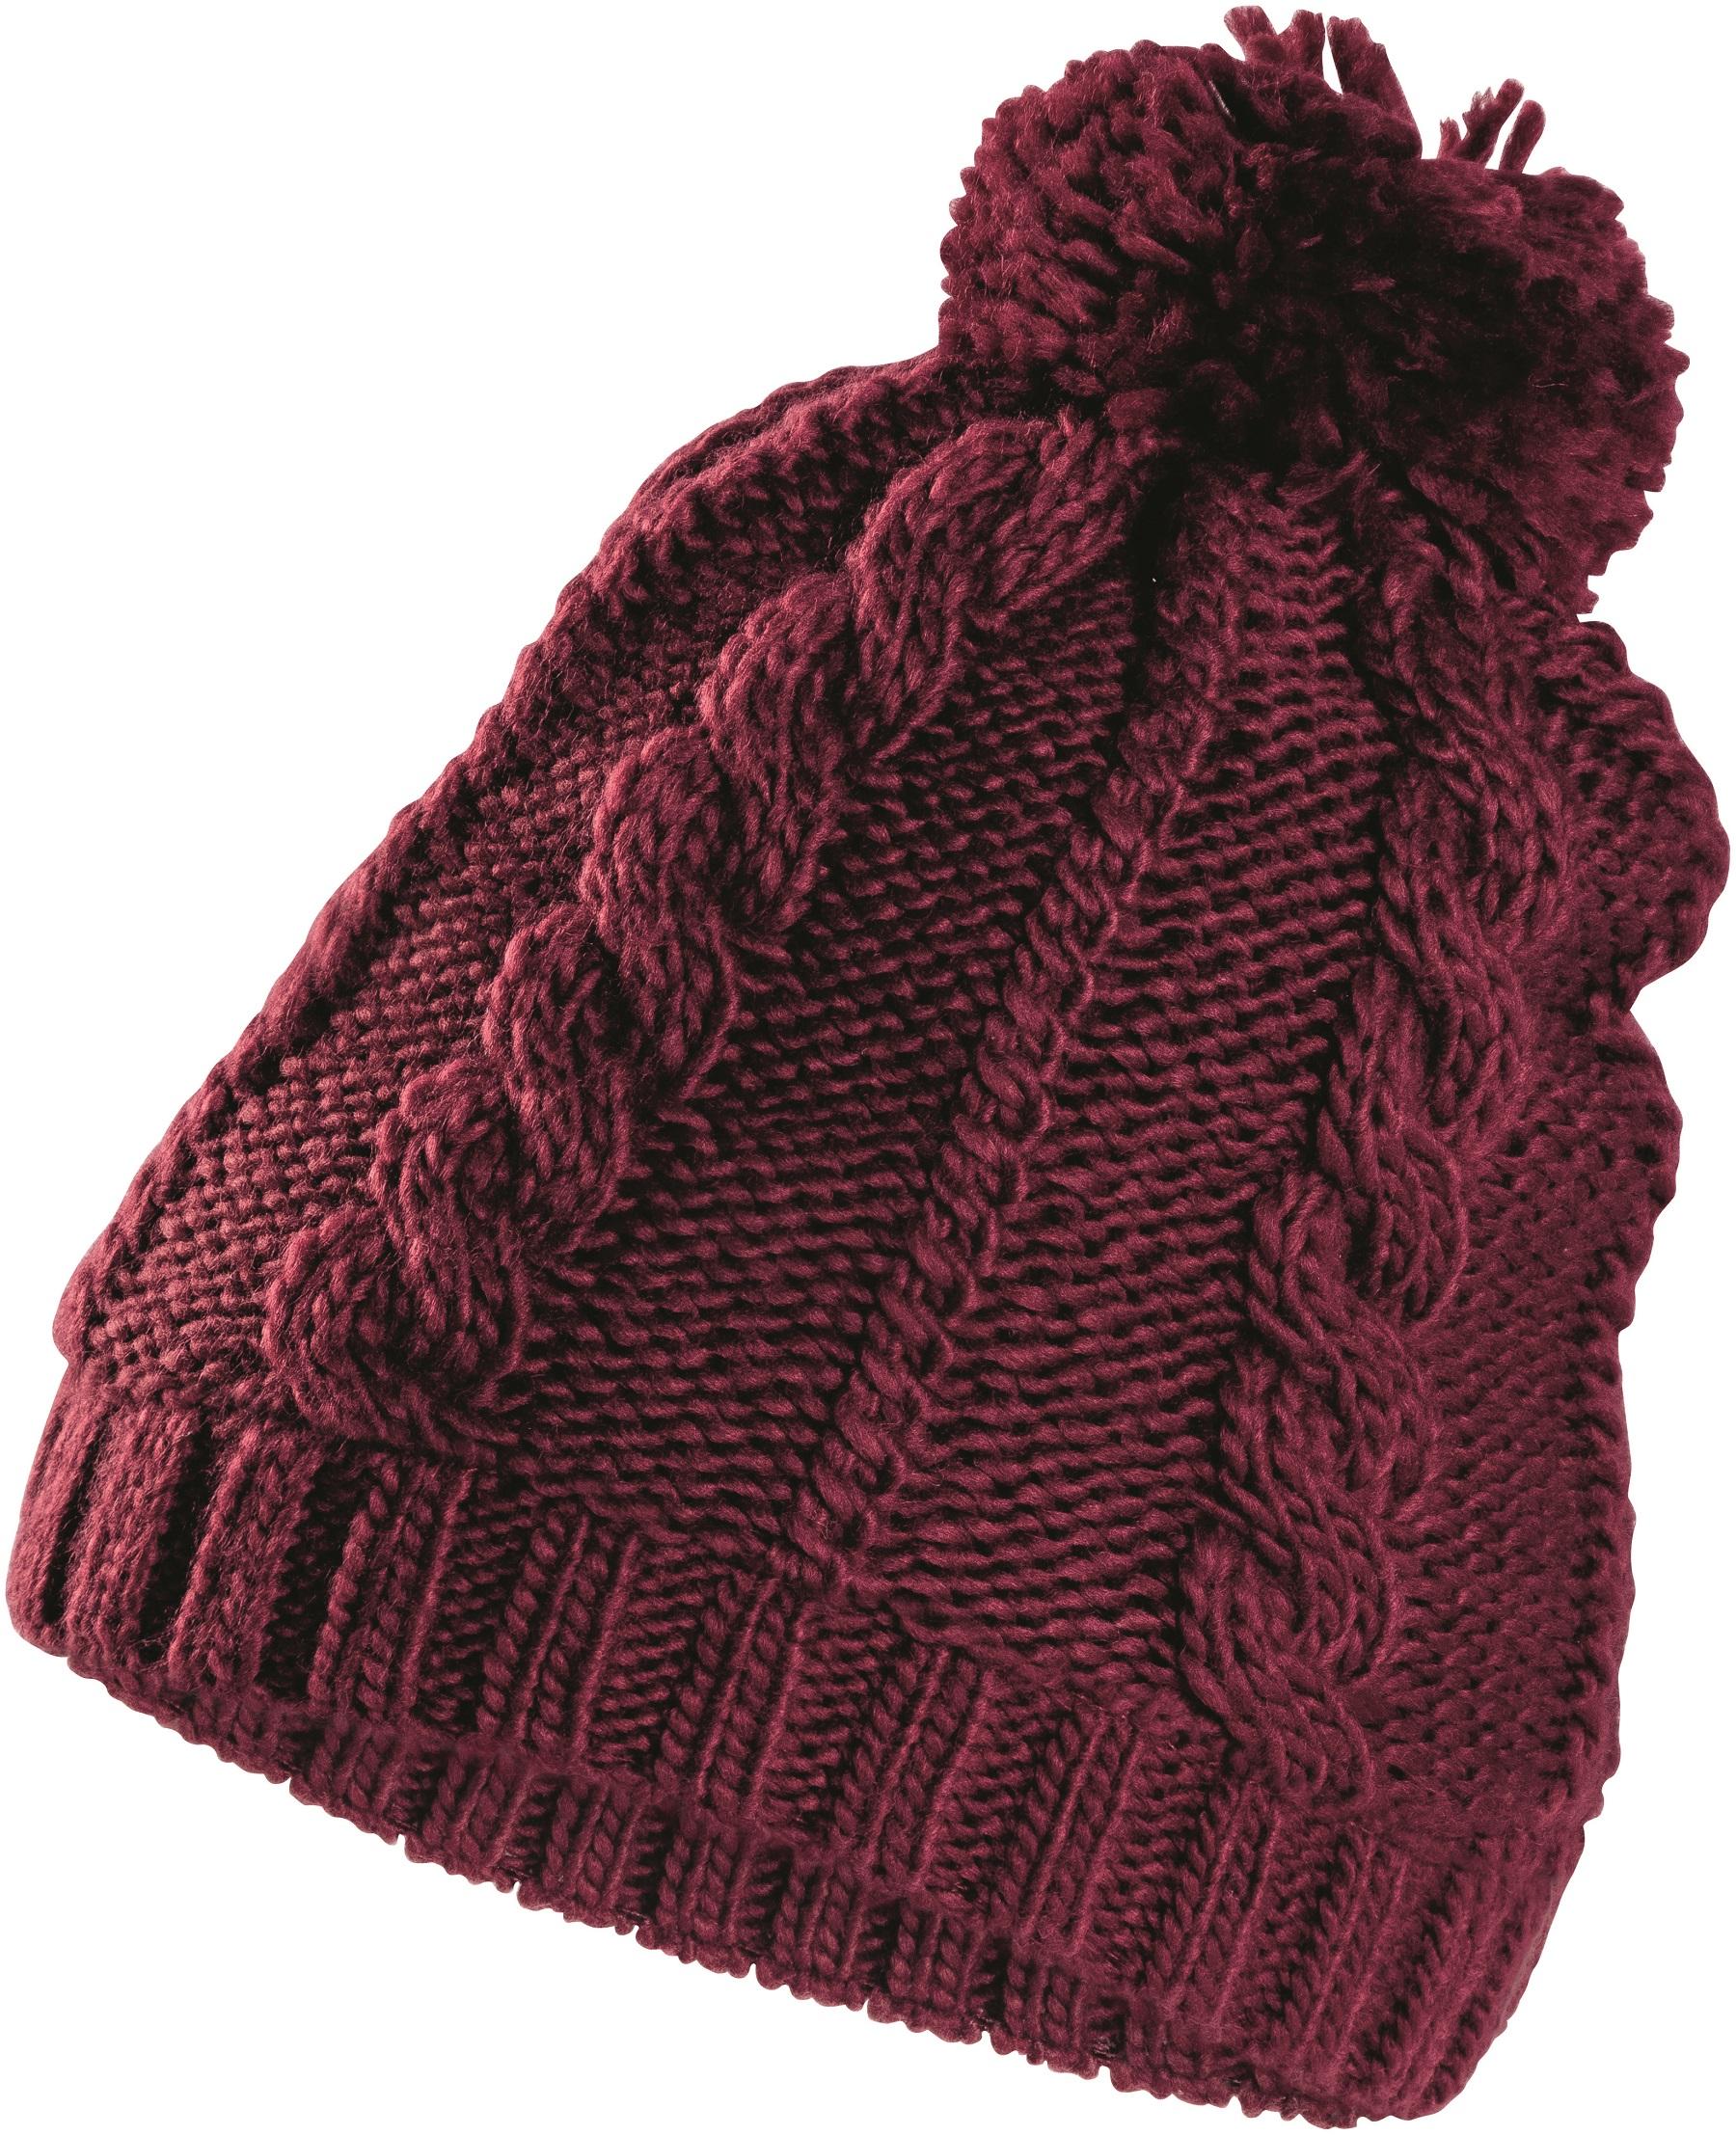 Ladies' Knitted Hat £4.99 (2).JPG